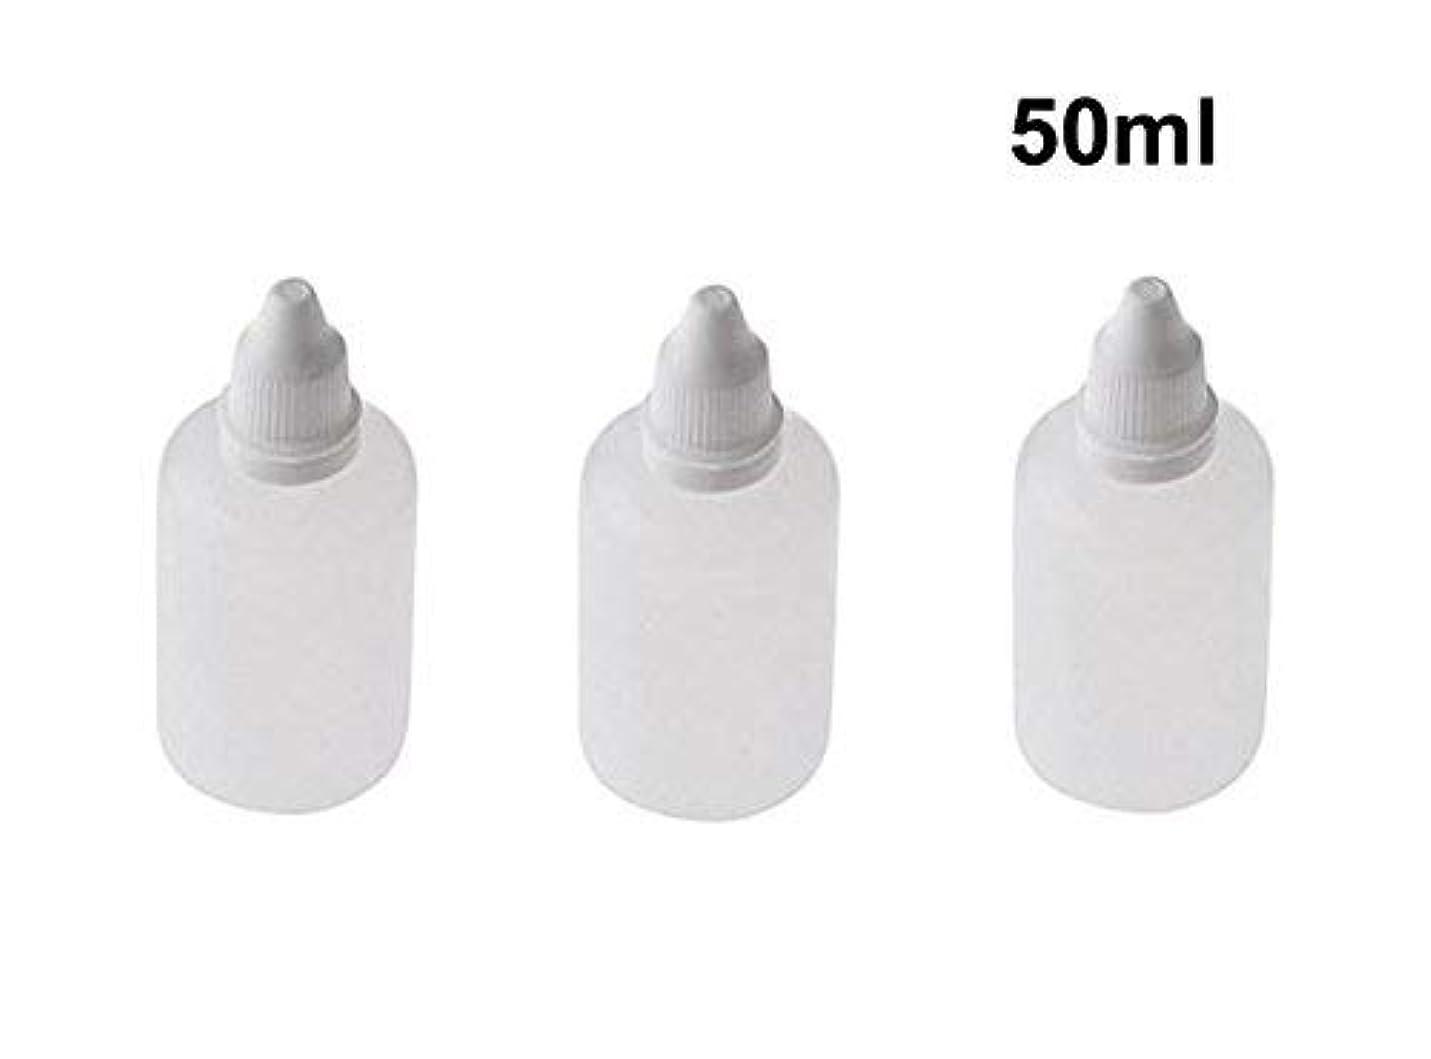 ハードインディカクラッチ10 Pieces Empty Refillable Plastic Squeezable Dropper Bottles Portable Eye Liquid Vial with Screw Caps and Plugs...